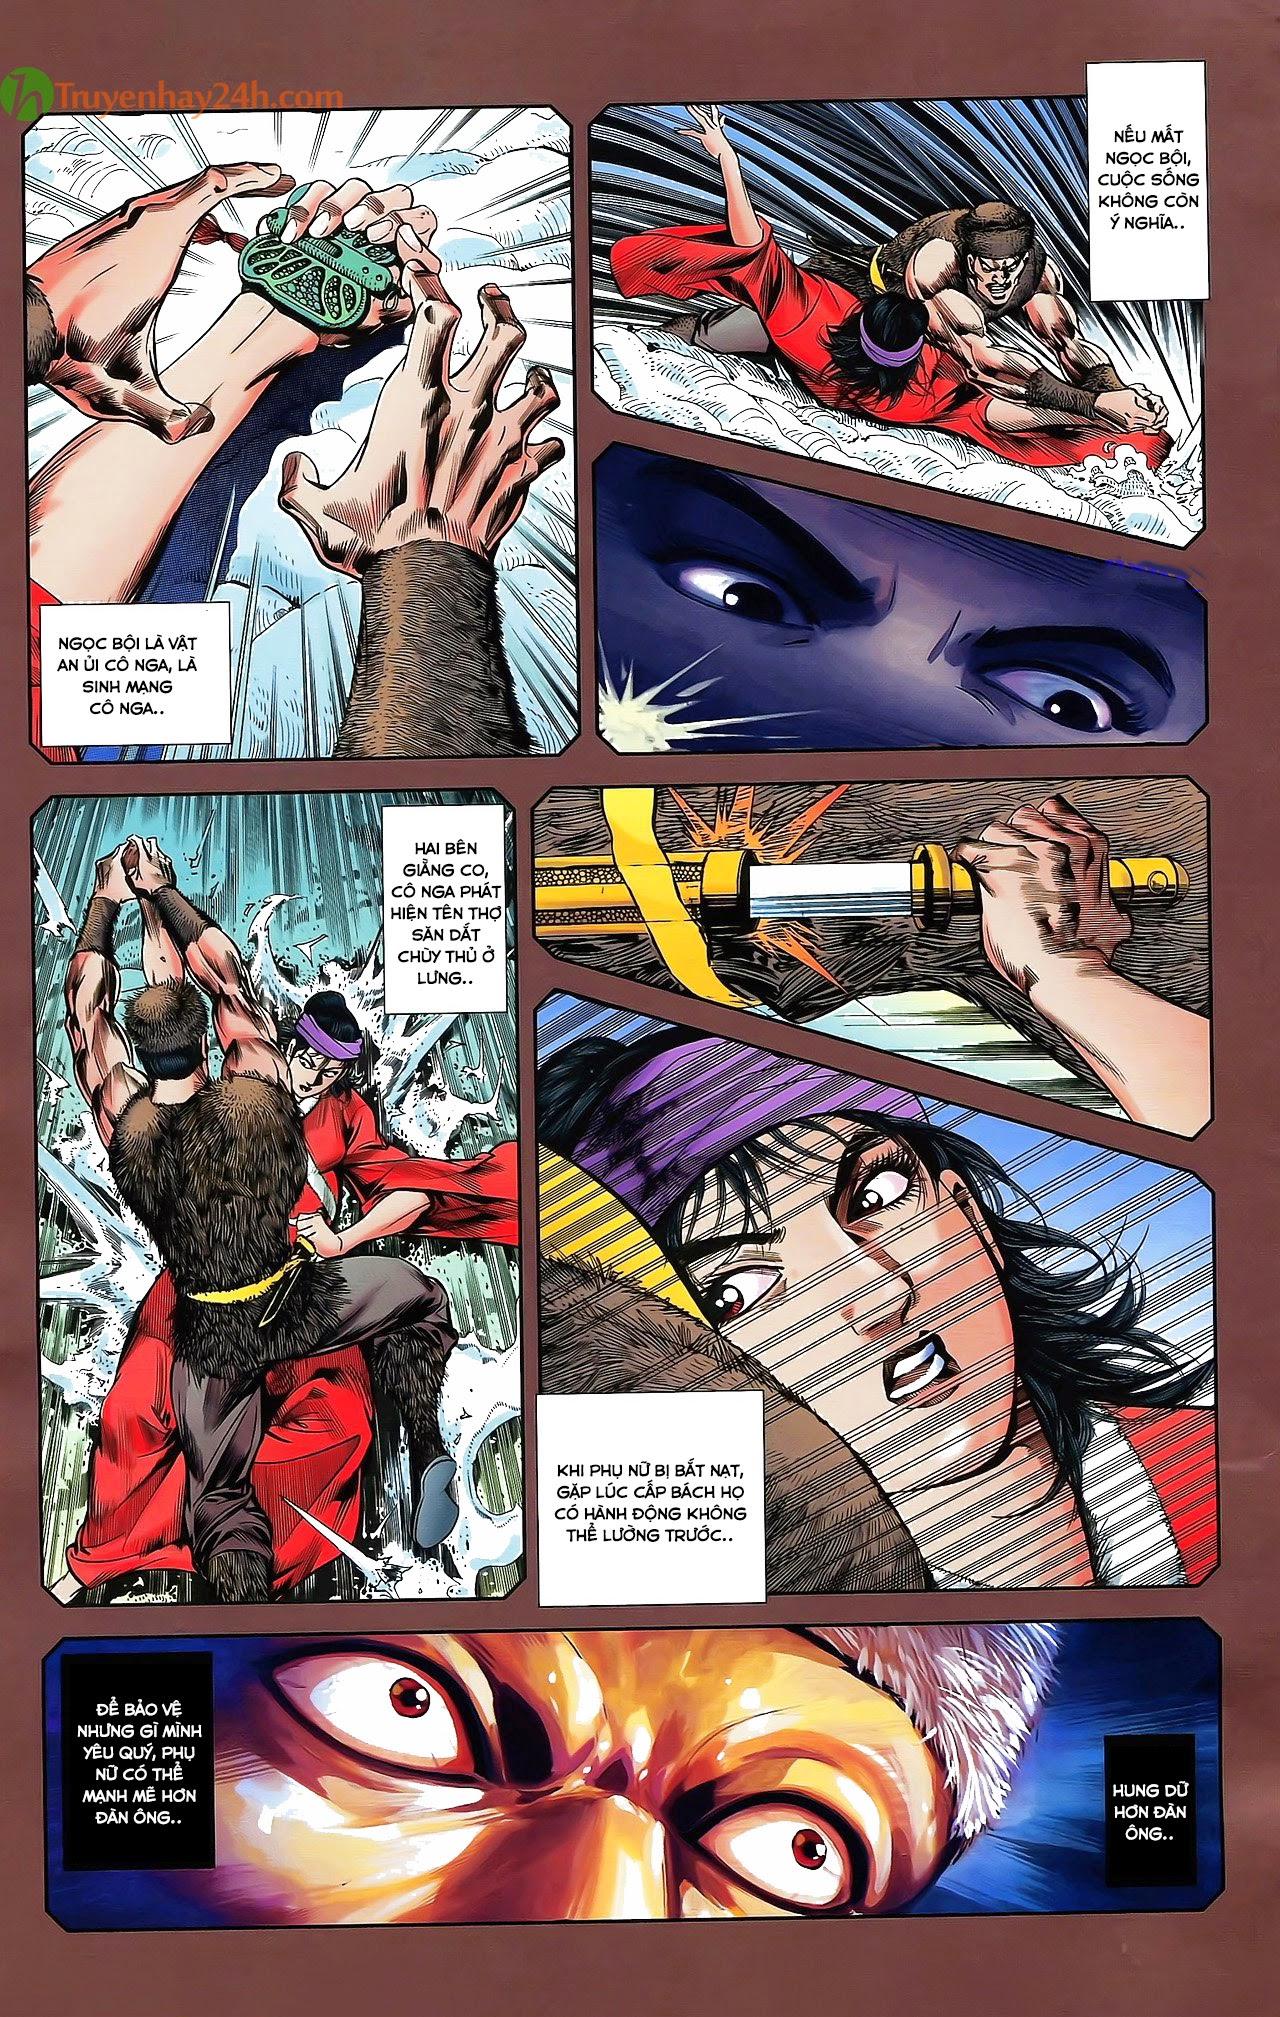 Tần Vương Doanh Chính chapter 29.2 trang 10